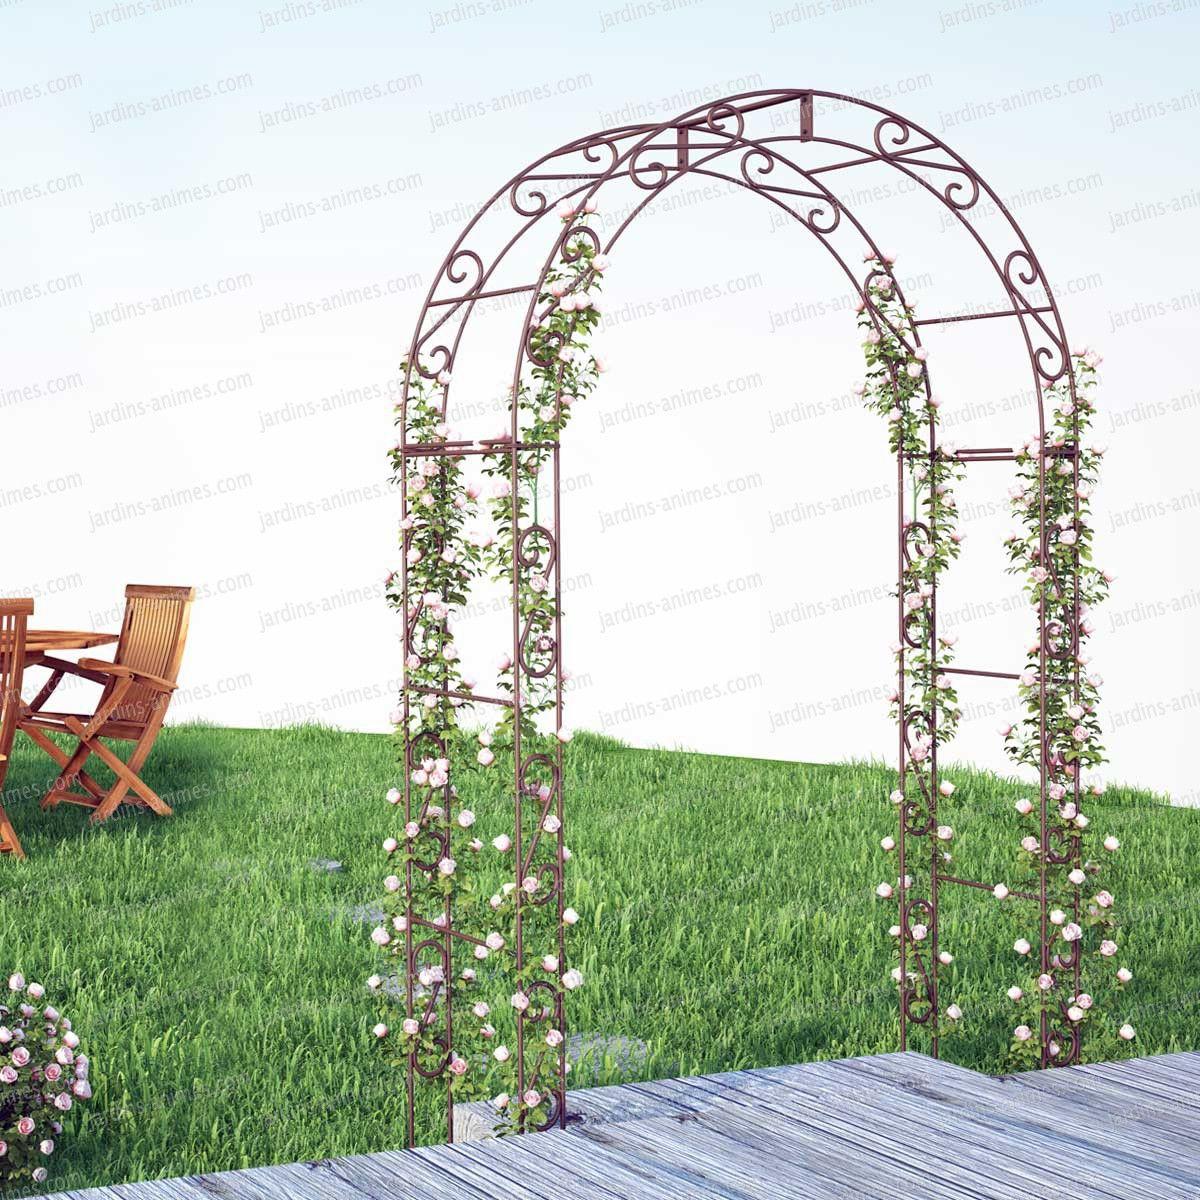 Arche De Jardin Arrondie En Acier Plein | Arche Jardin ... intérieur Arche De Jardin En Fer Forgé